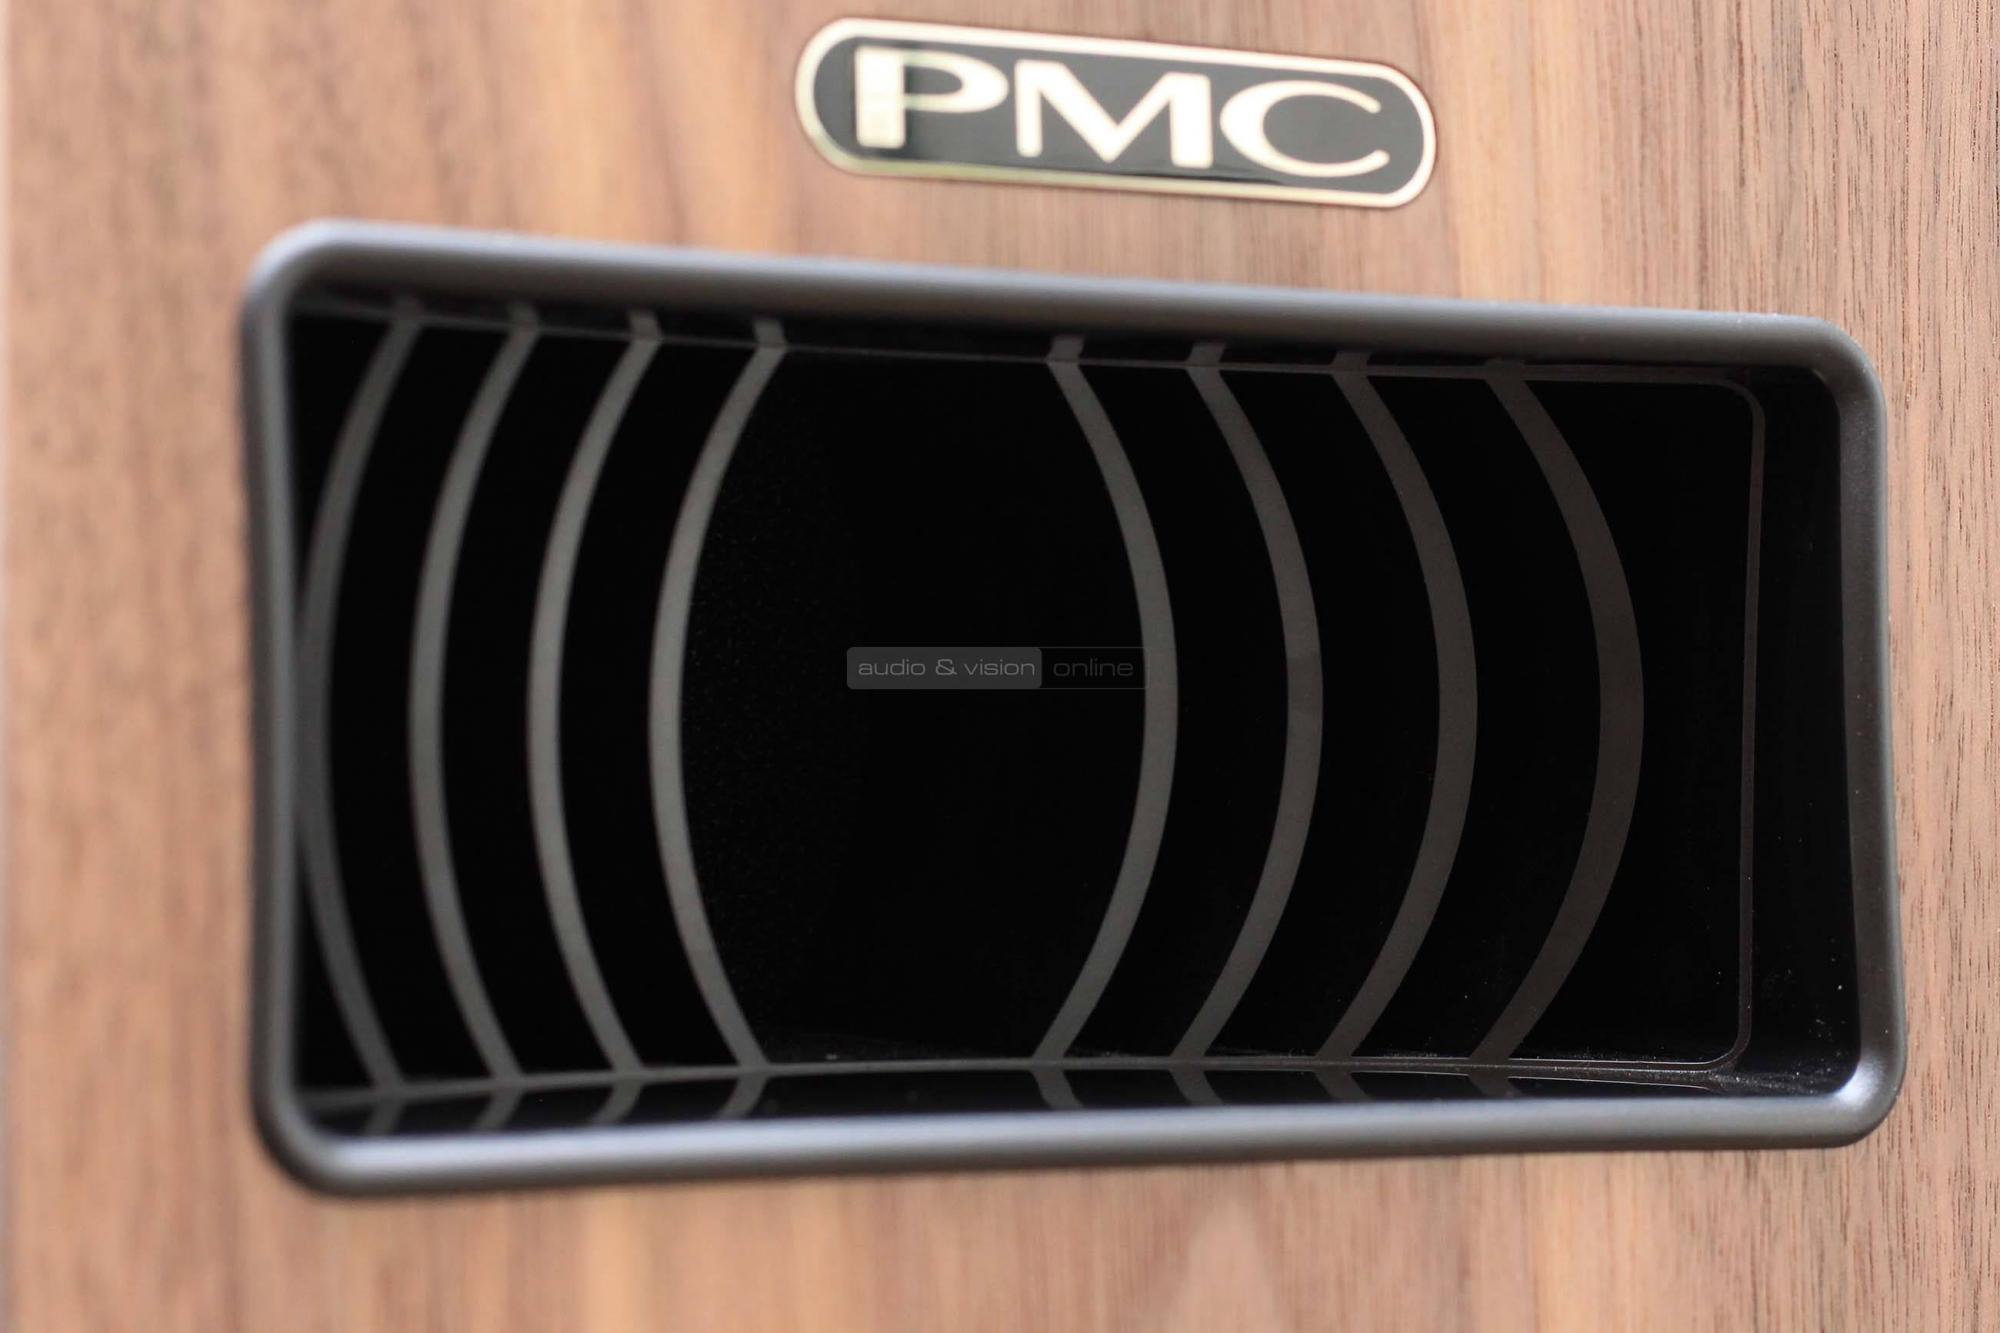 PMC Twenty 5.22i hangfal TL nyílás